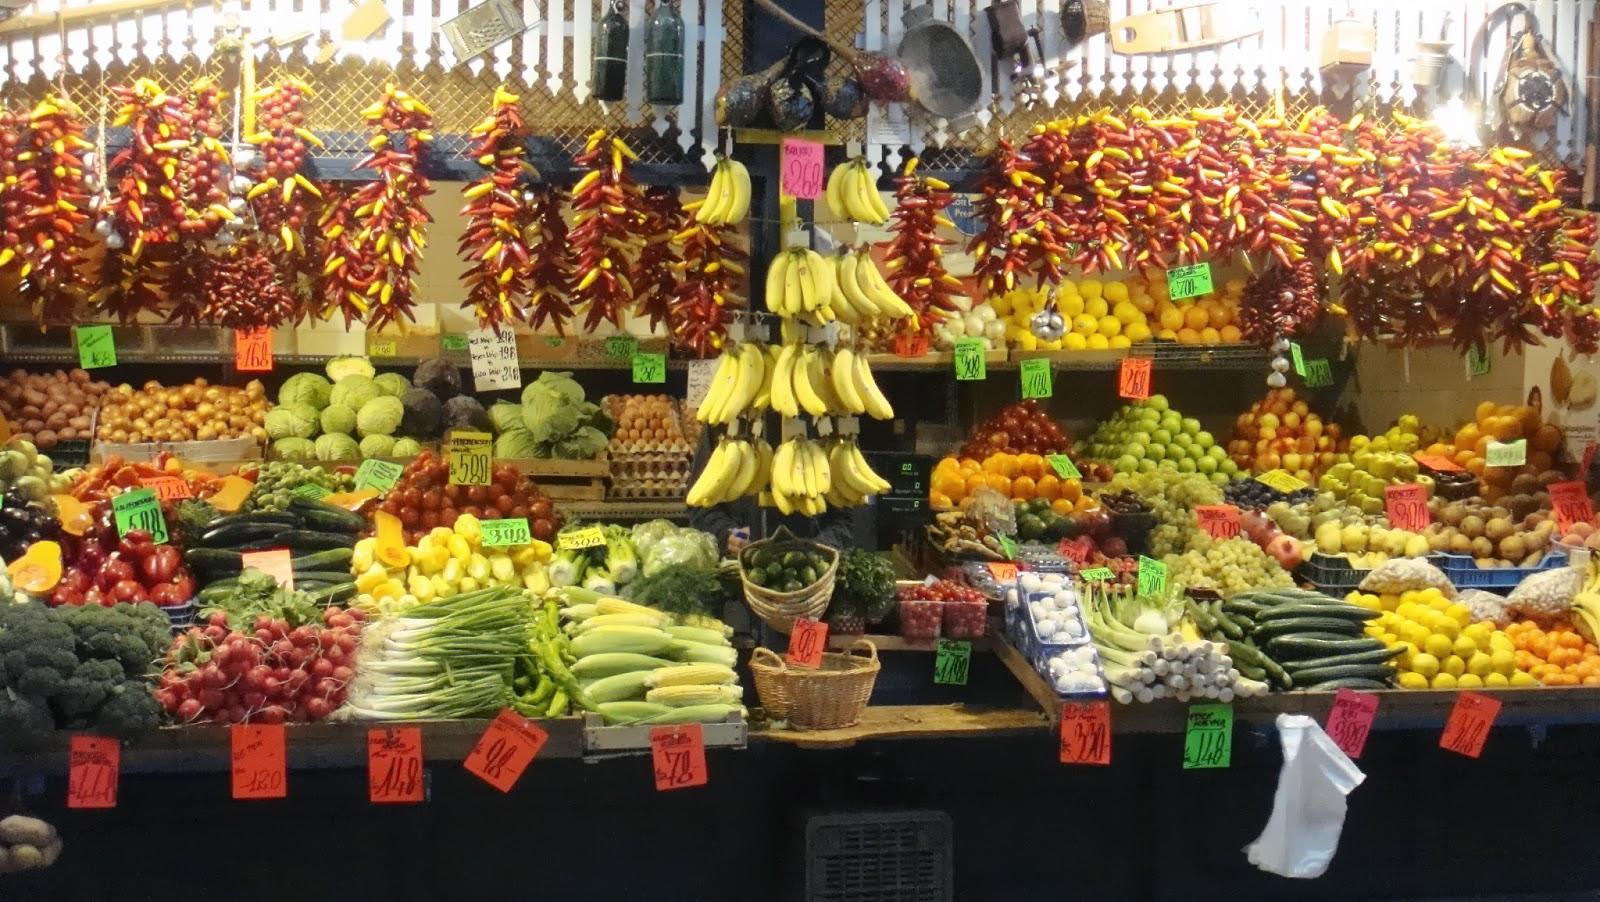 Mercado de Abasto, Budapest, Hungría, Elisa N, Blog de Viajes, Lifestyle, Travel